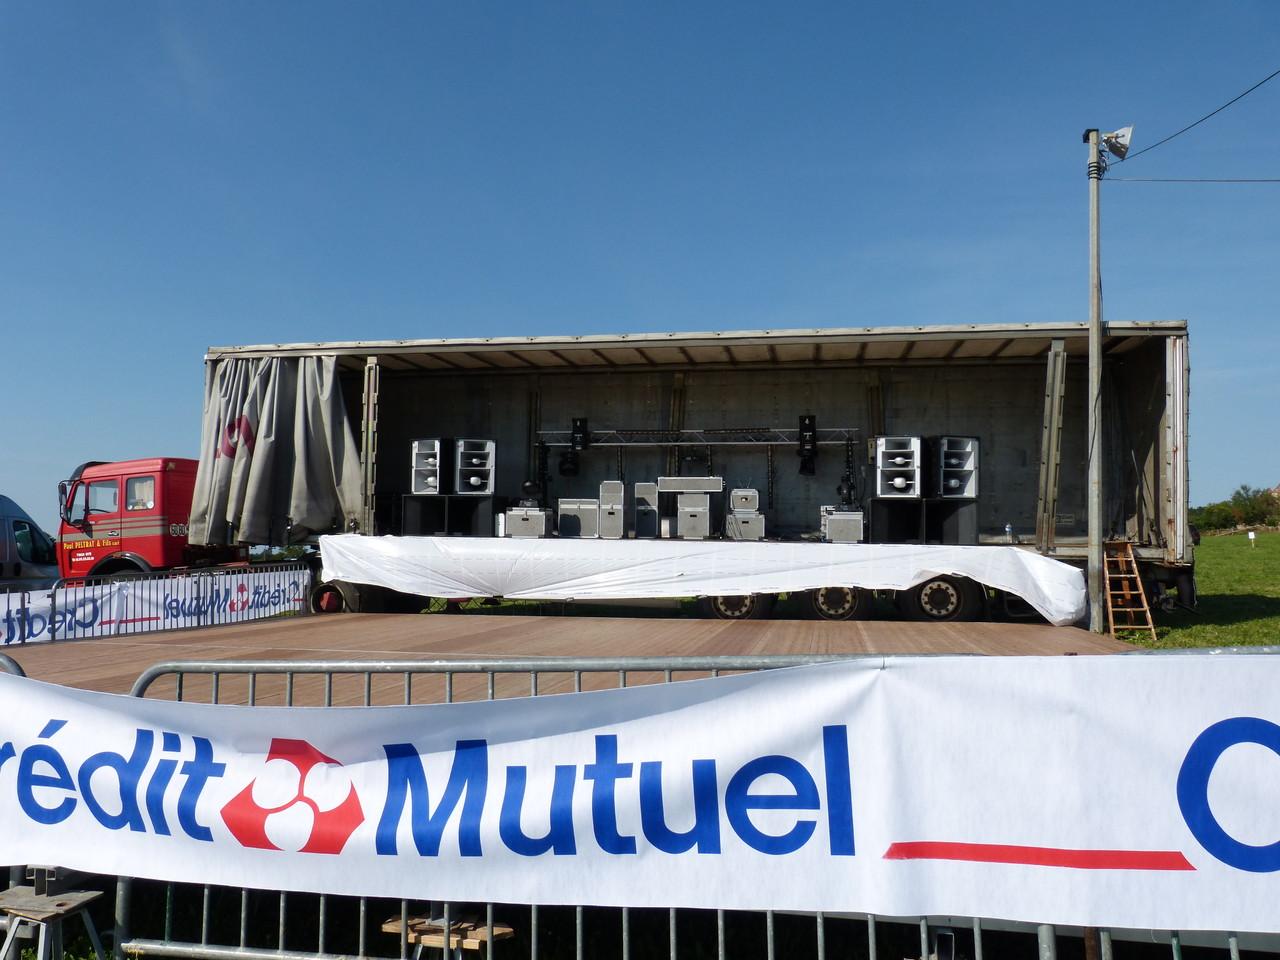 2013 Les Renault de notre jeunesse